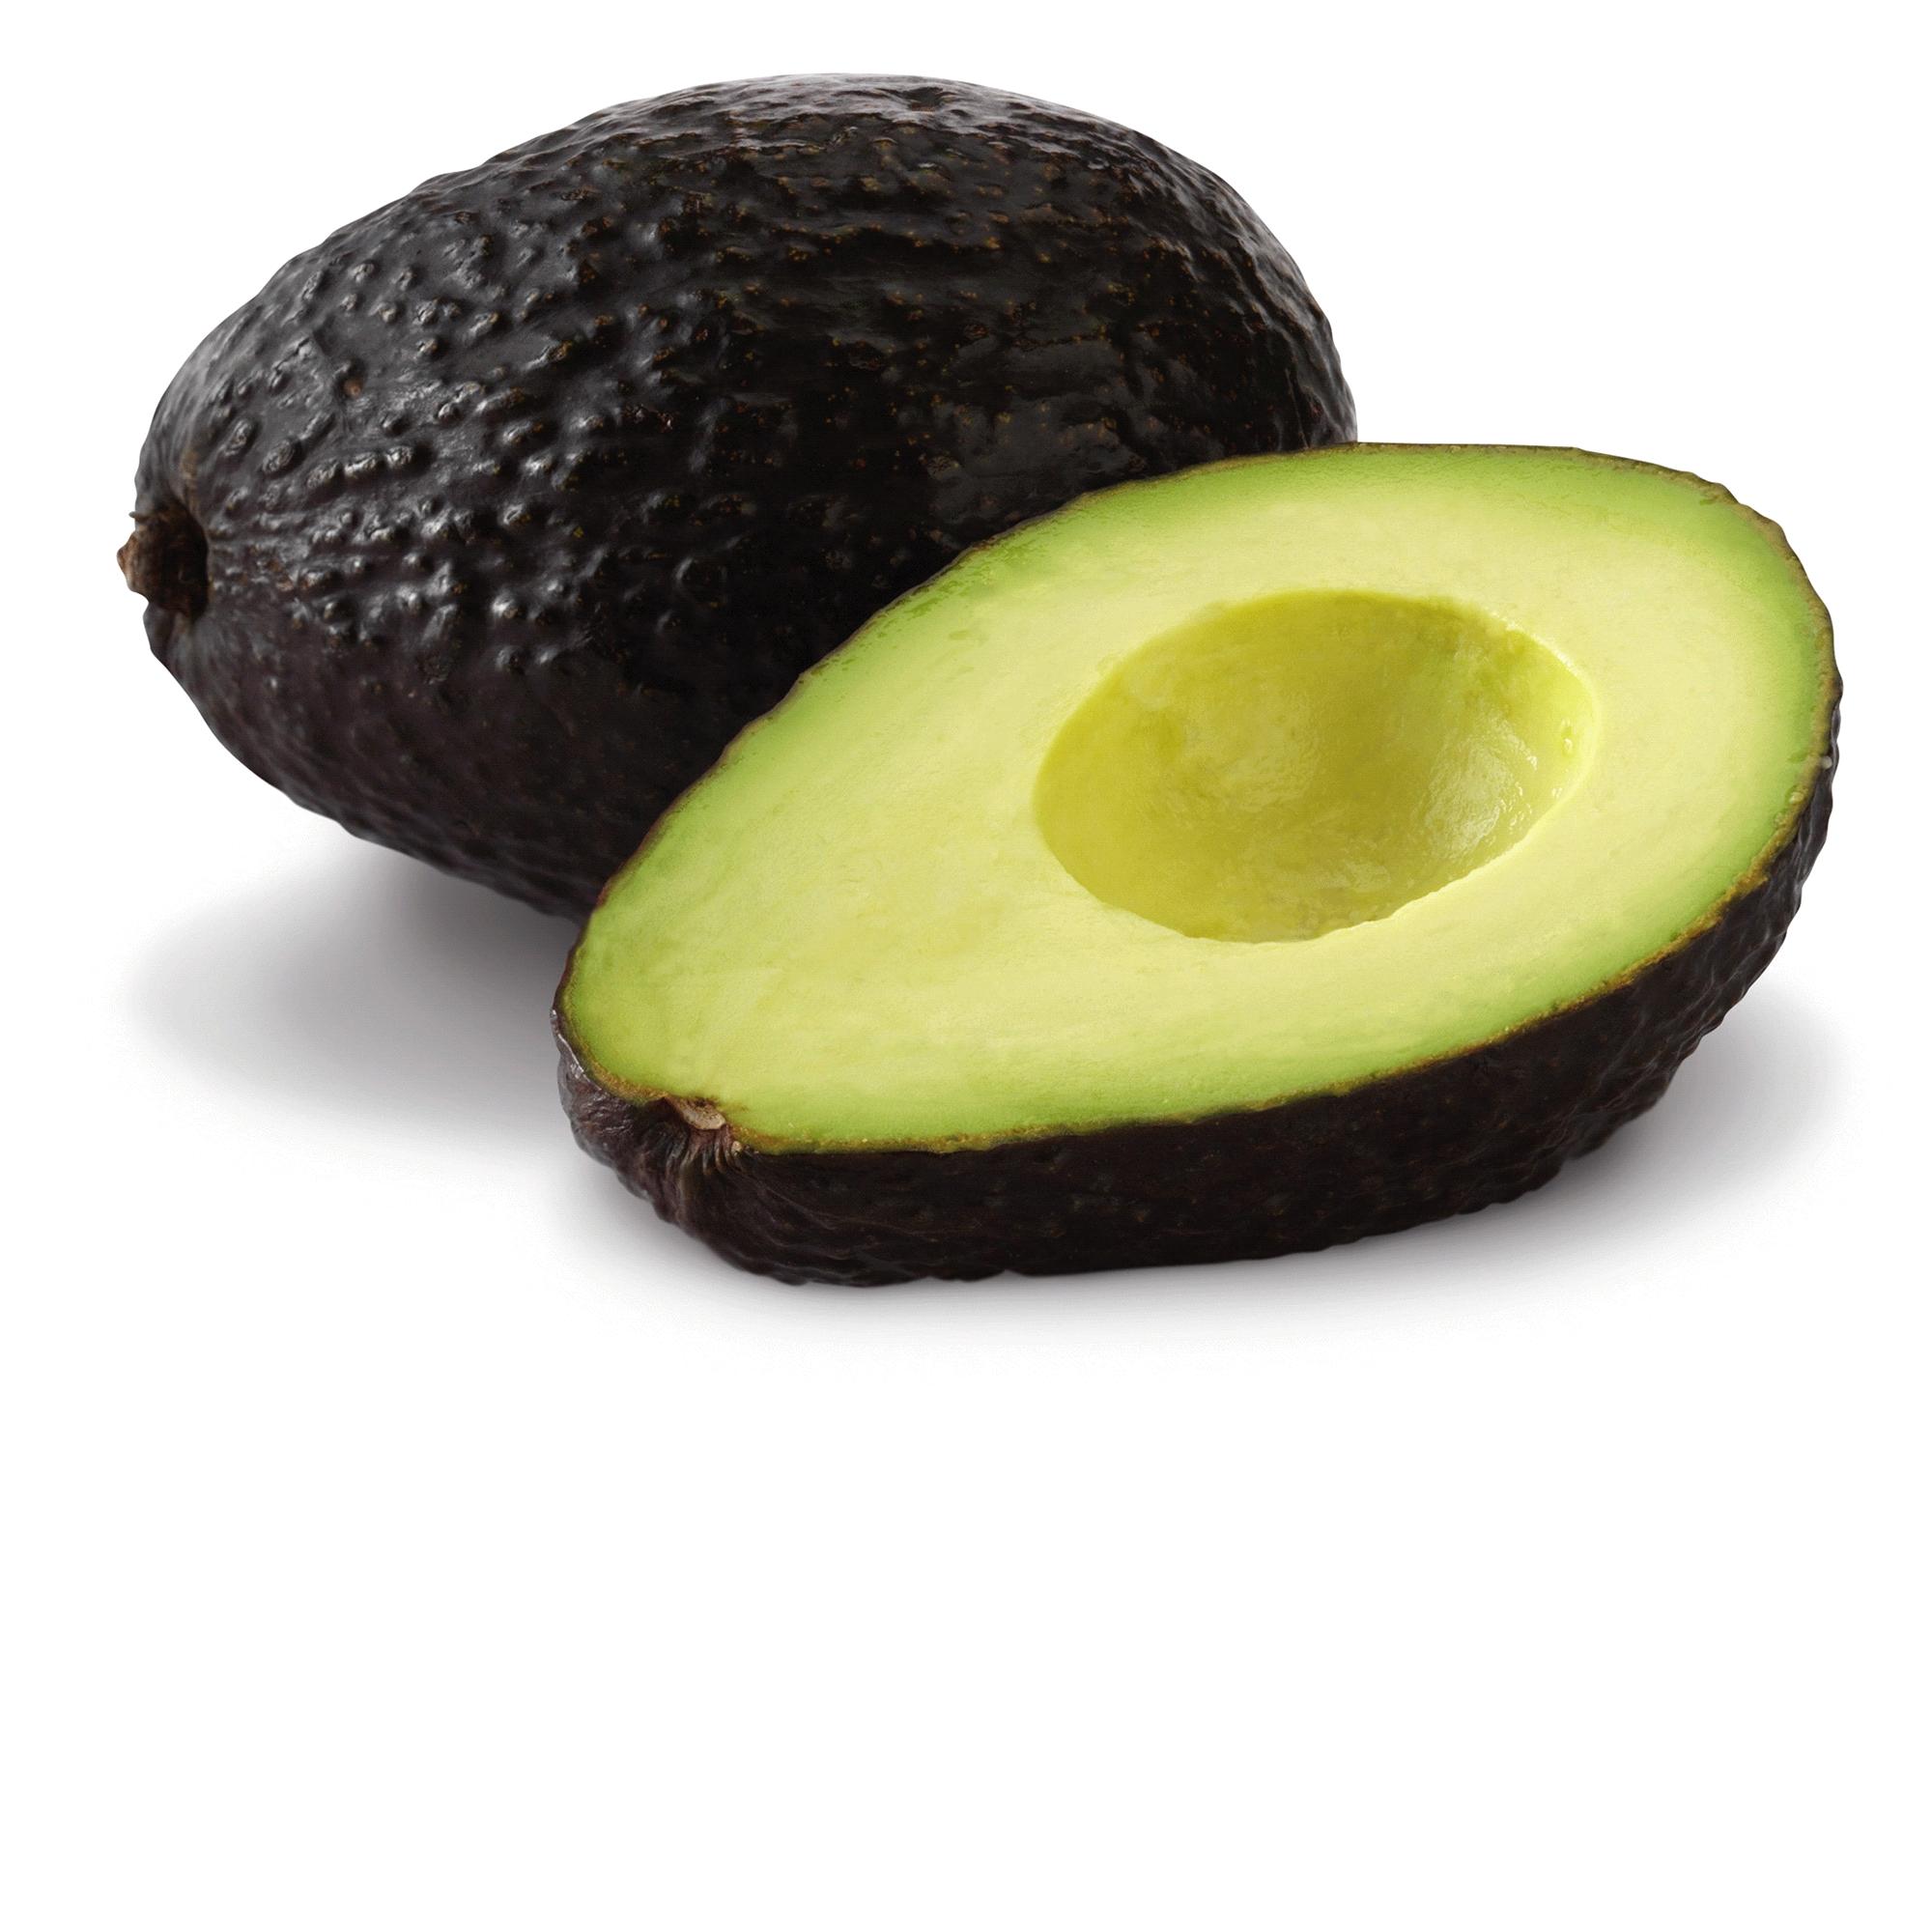 Avocados | Meijer.com